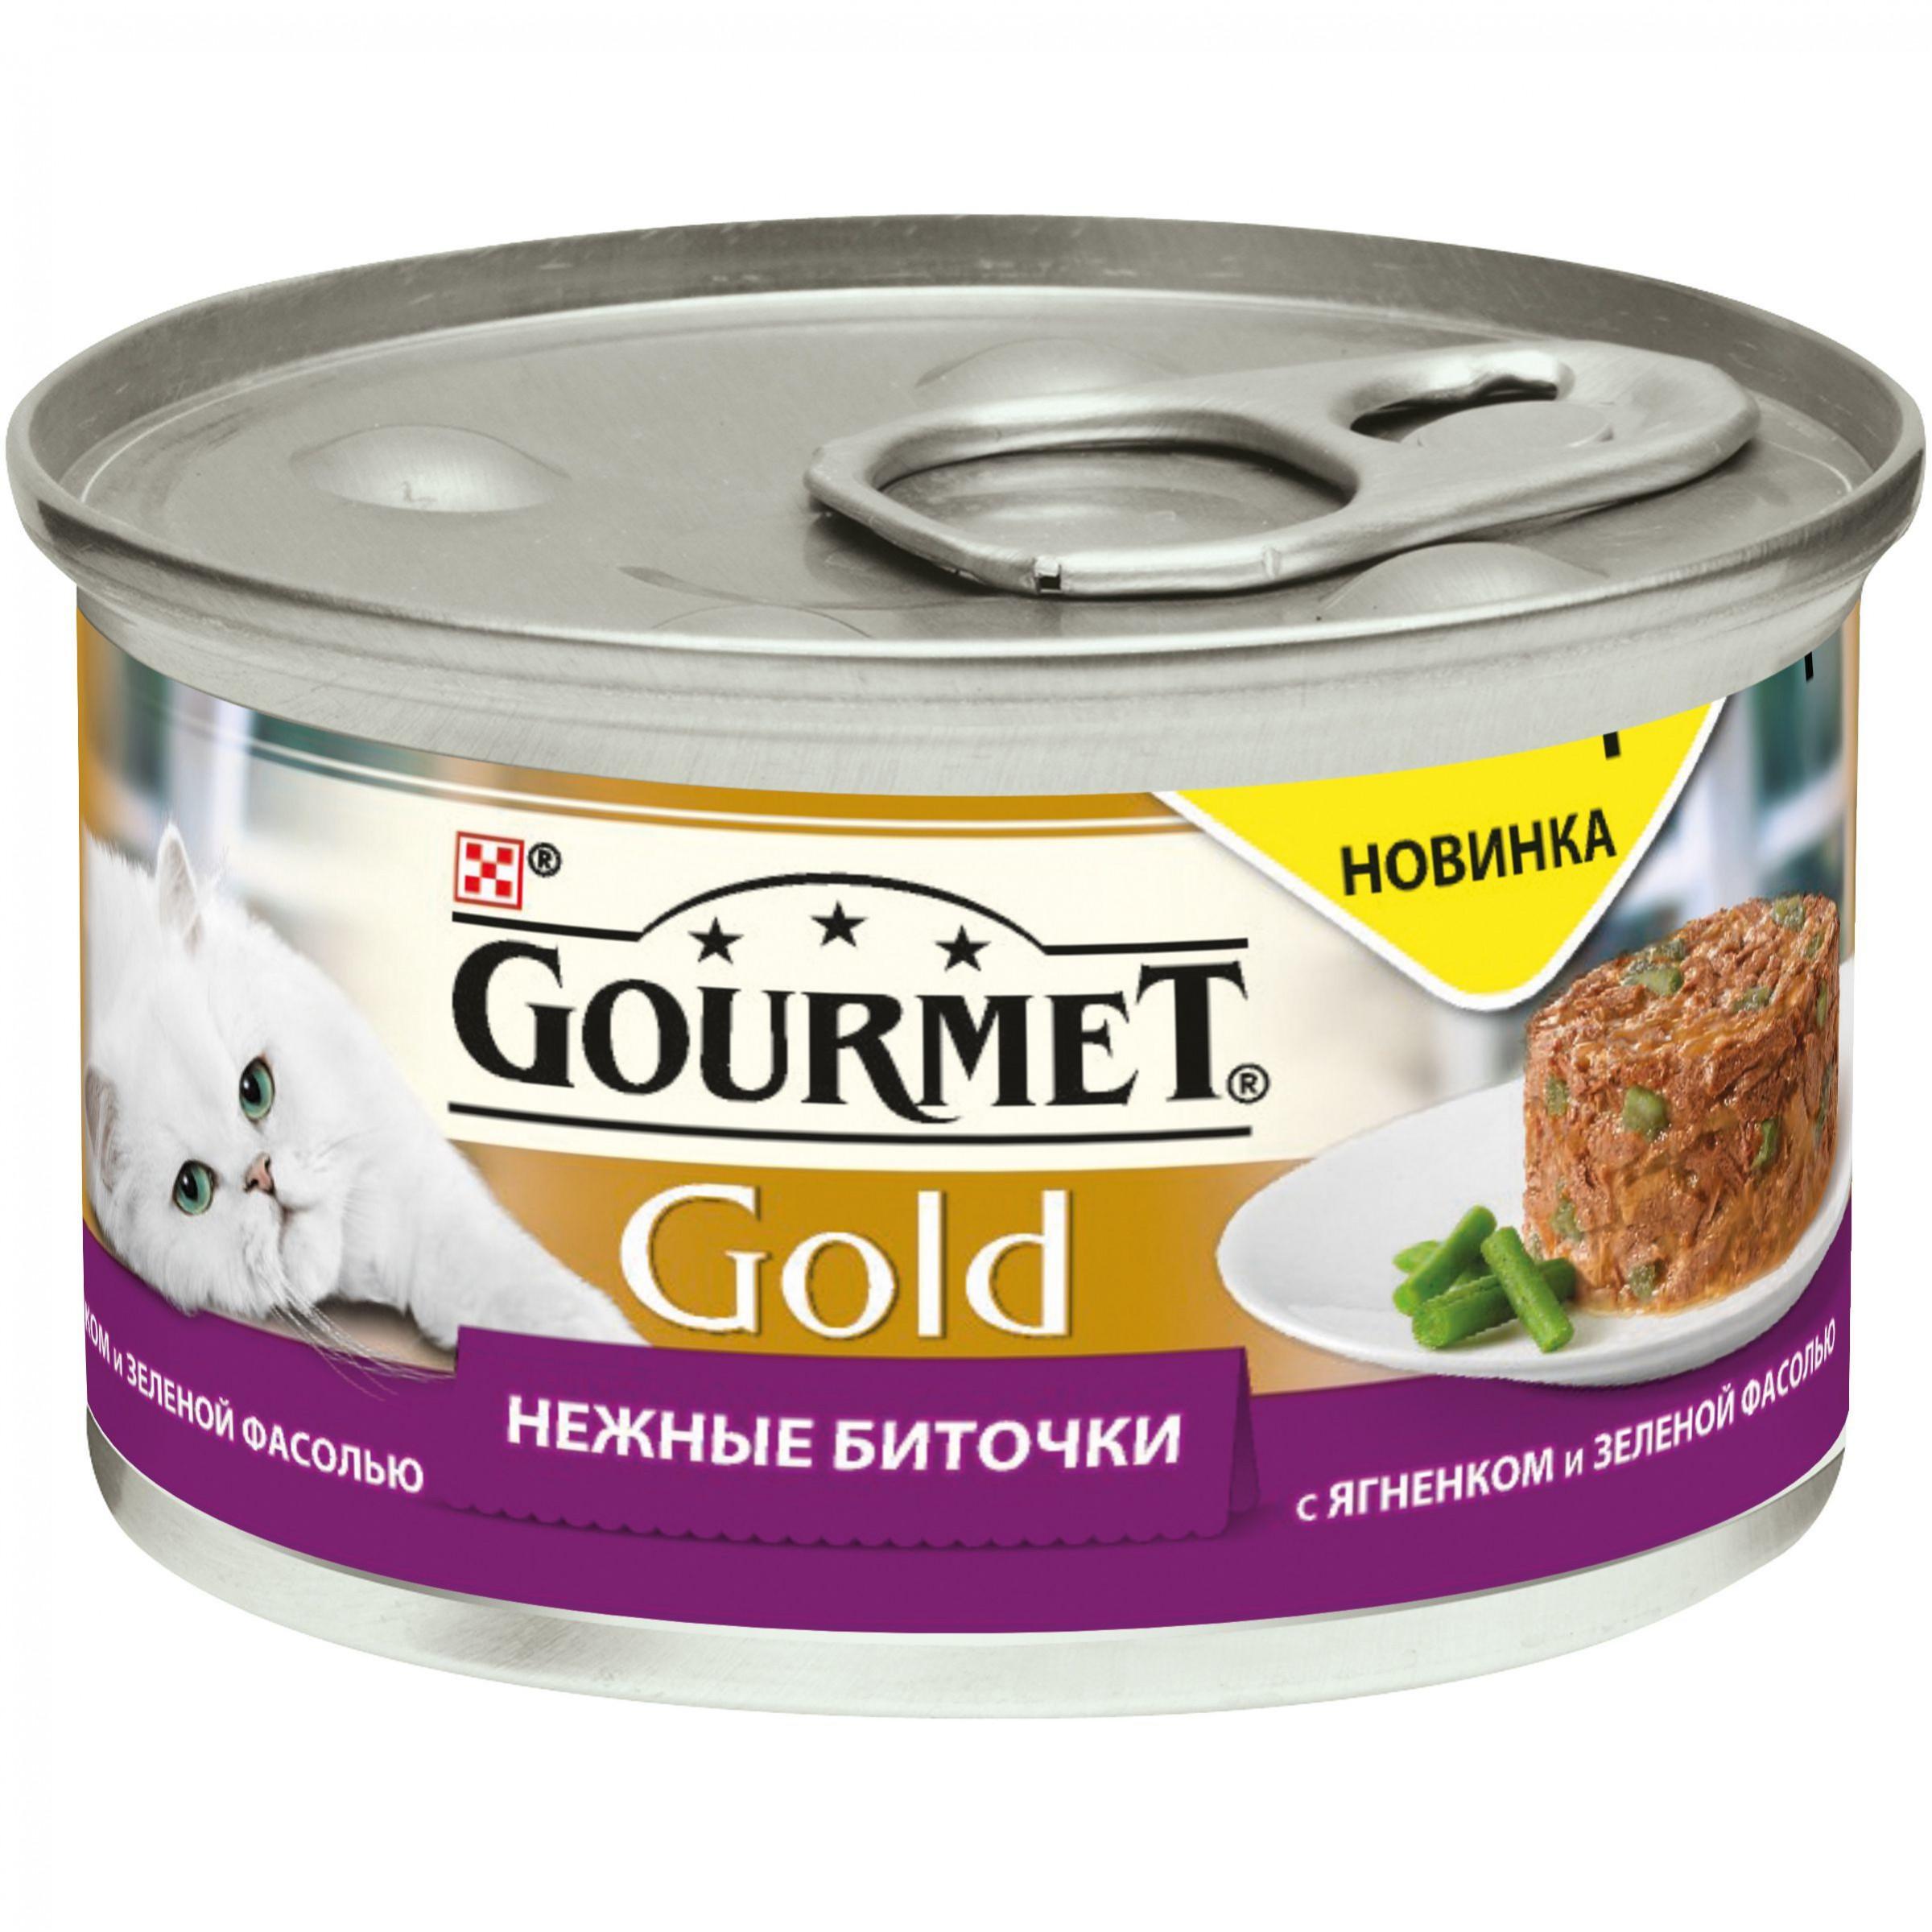 Влажный корм для кошек GOURMET Gold Нежные биточки из ягненка с фасолью, 85 г